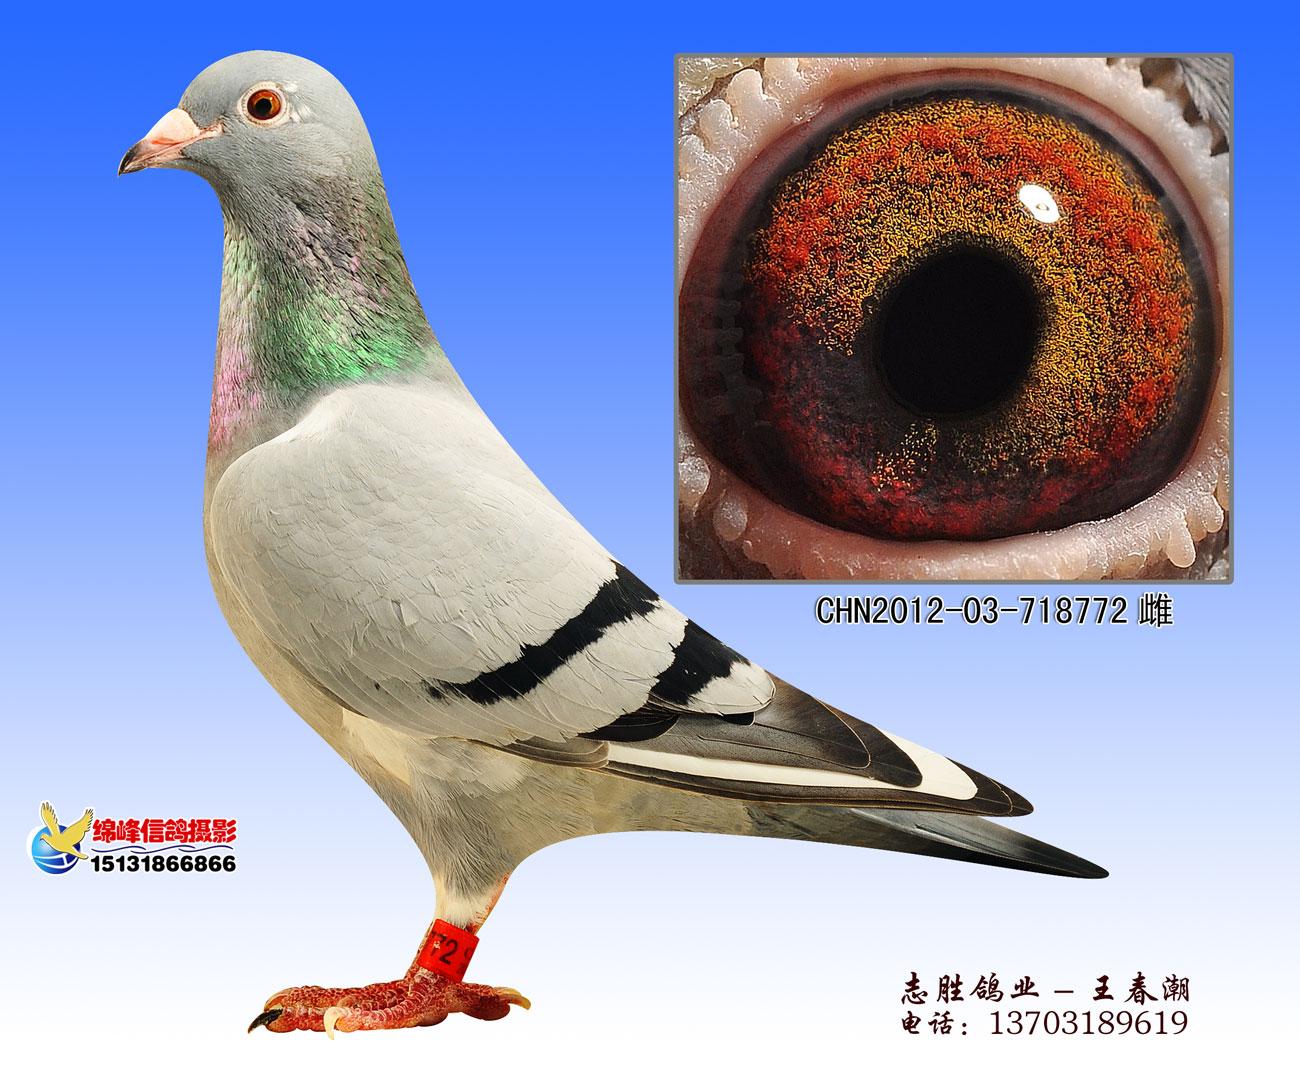 772vvcom_胡本回血种鸽772_志胜鸽业_ ag188.com爱鸽商城_中国